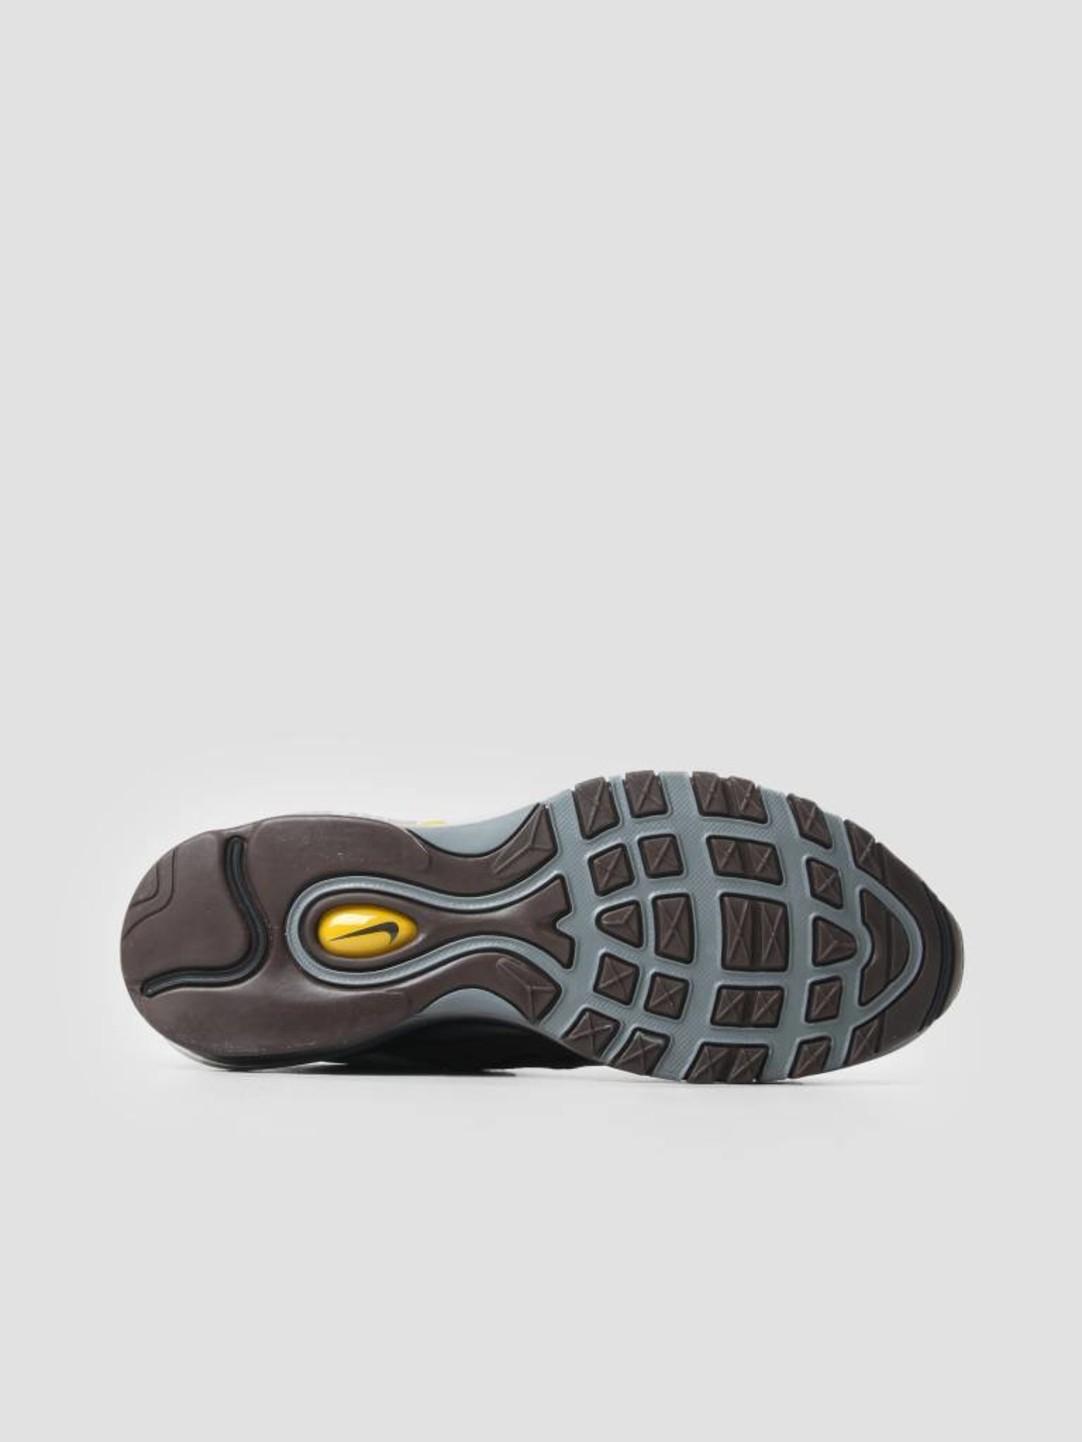 Nike Nike Air Max 97 Premium Cool Grey Baroque Brown University Gold Av7025-001